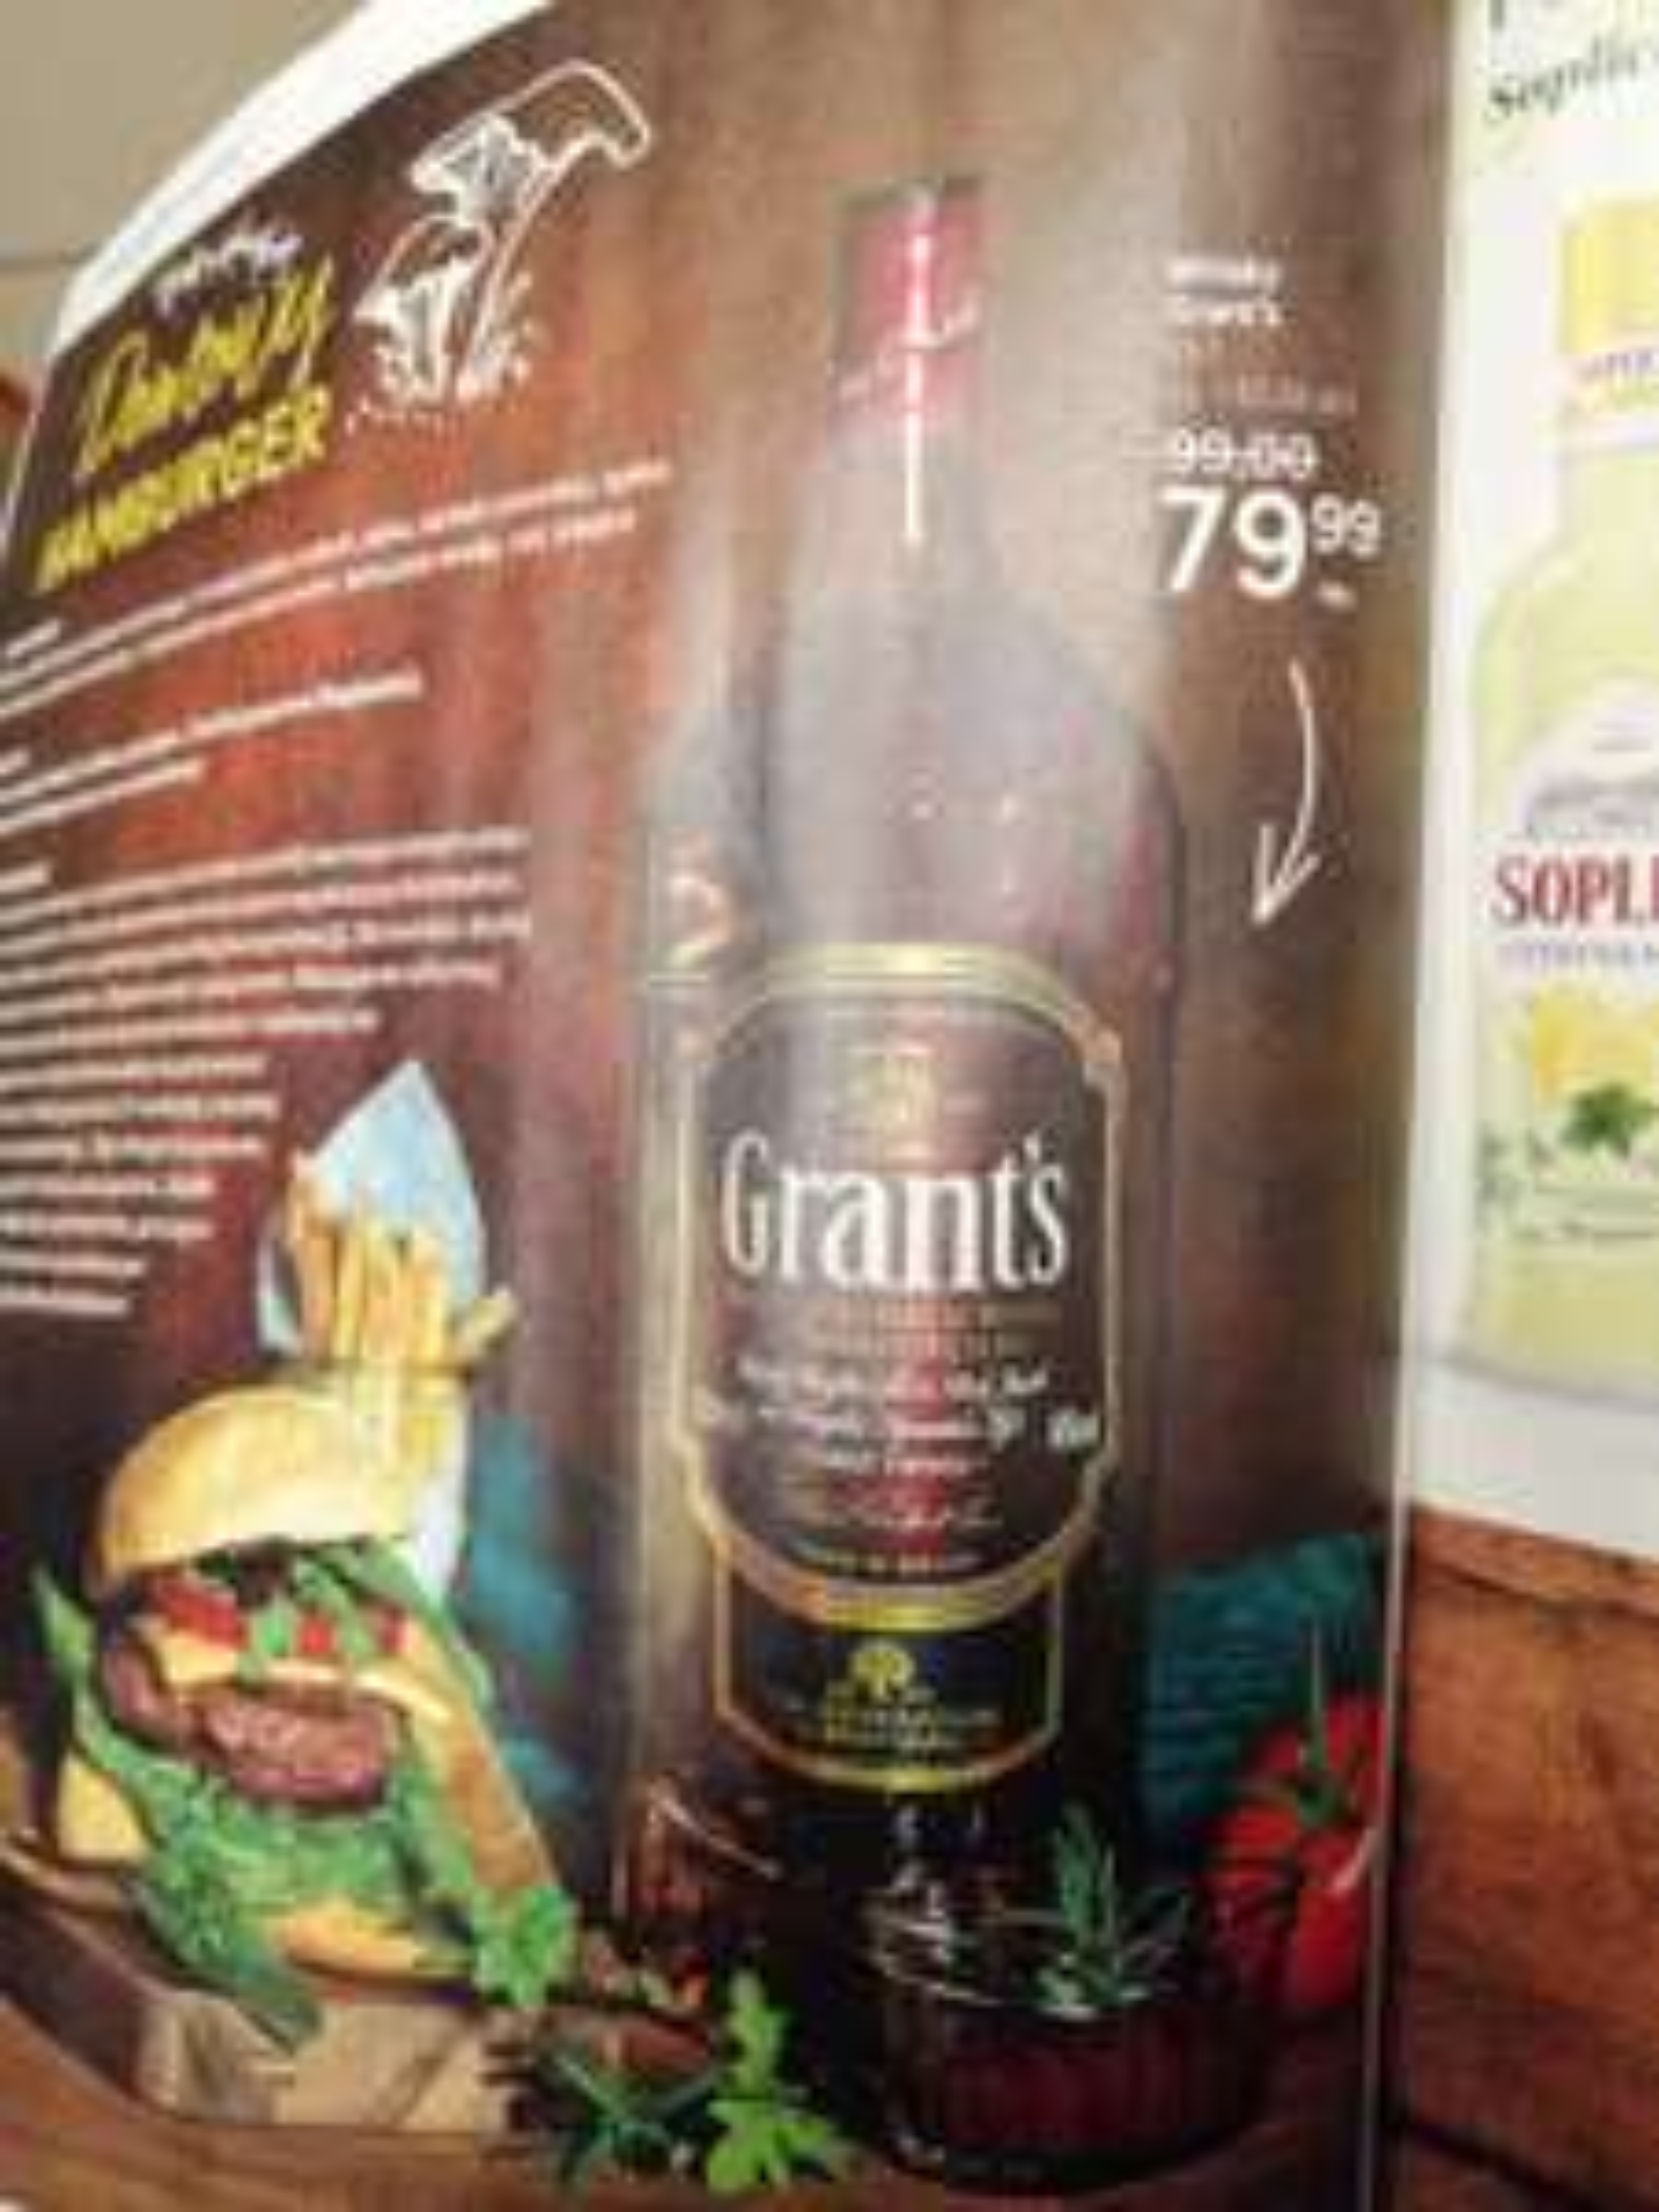 Whisky Grant's Triple Wood 1.5L za 79.99, możliwe 70,49 z kuponem. Tesco, ogólnopolska.